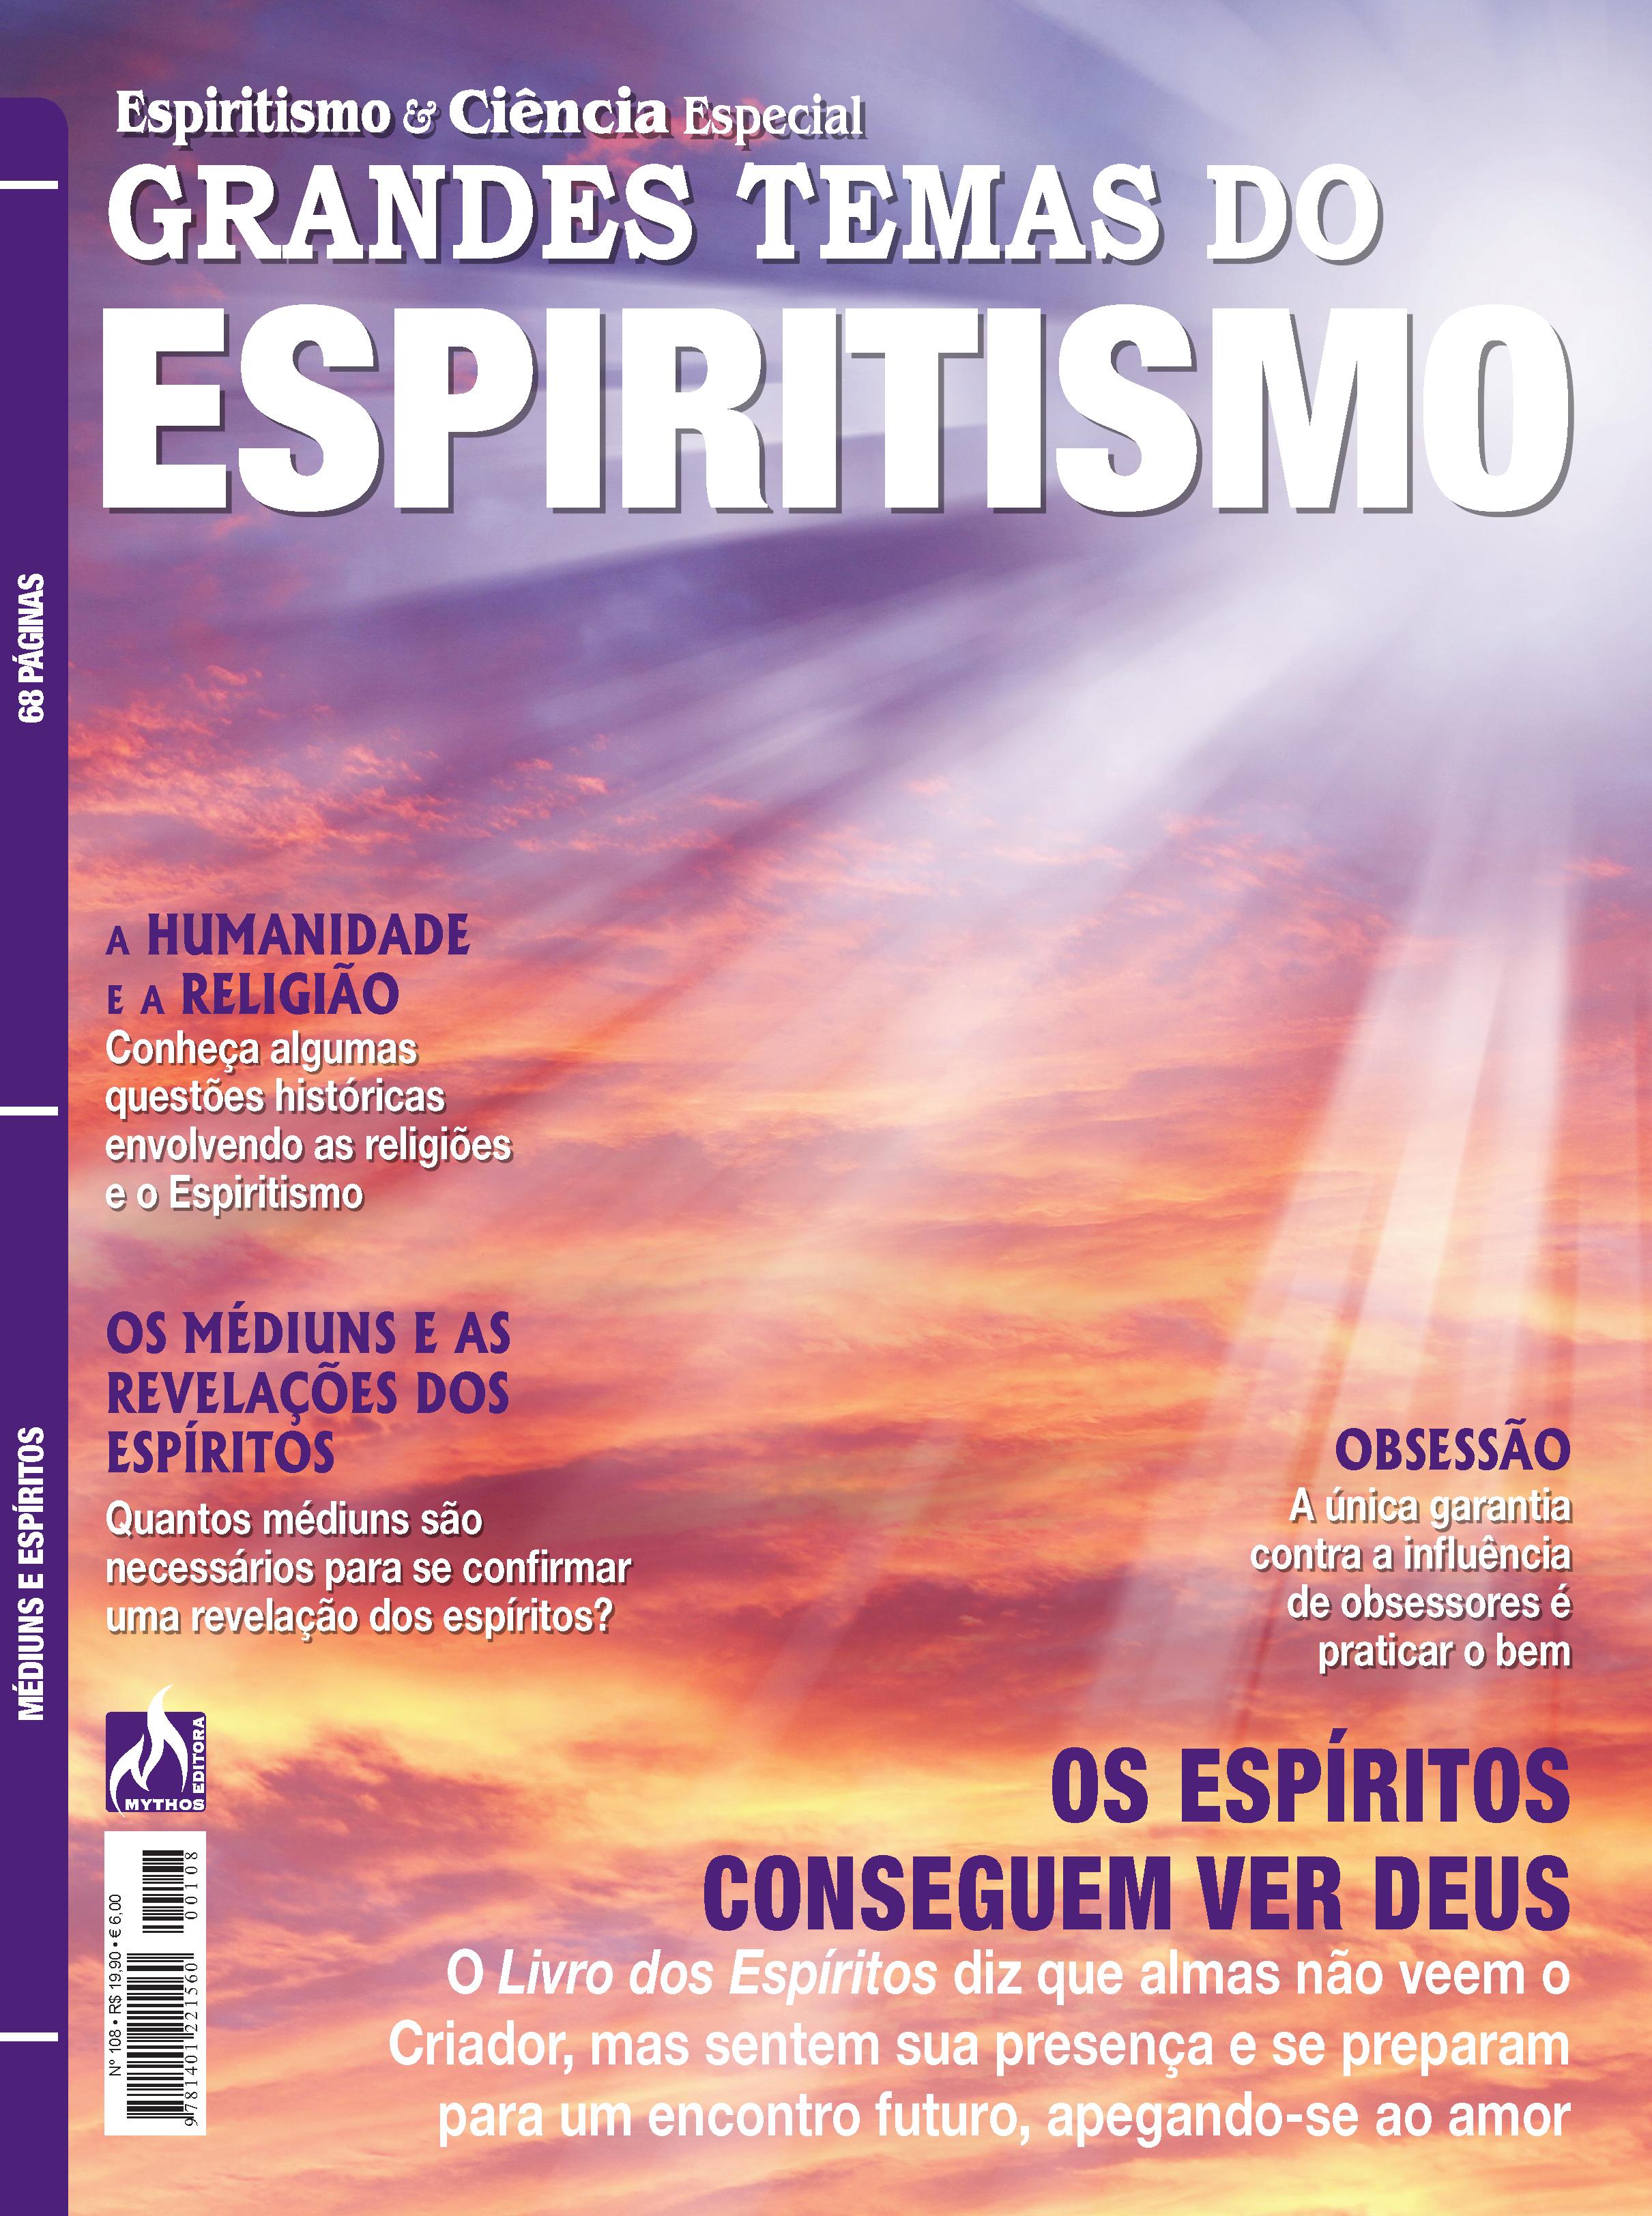 ESPIRITISMO & CIÊNCIA ESP Nº 108